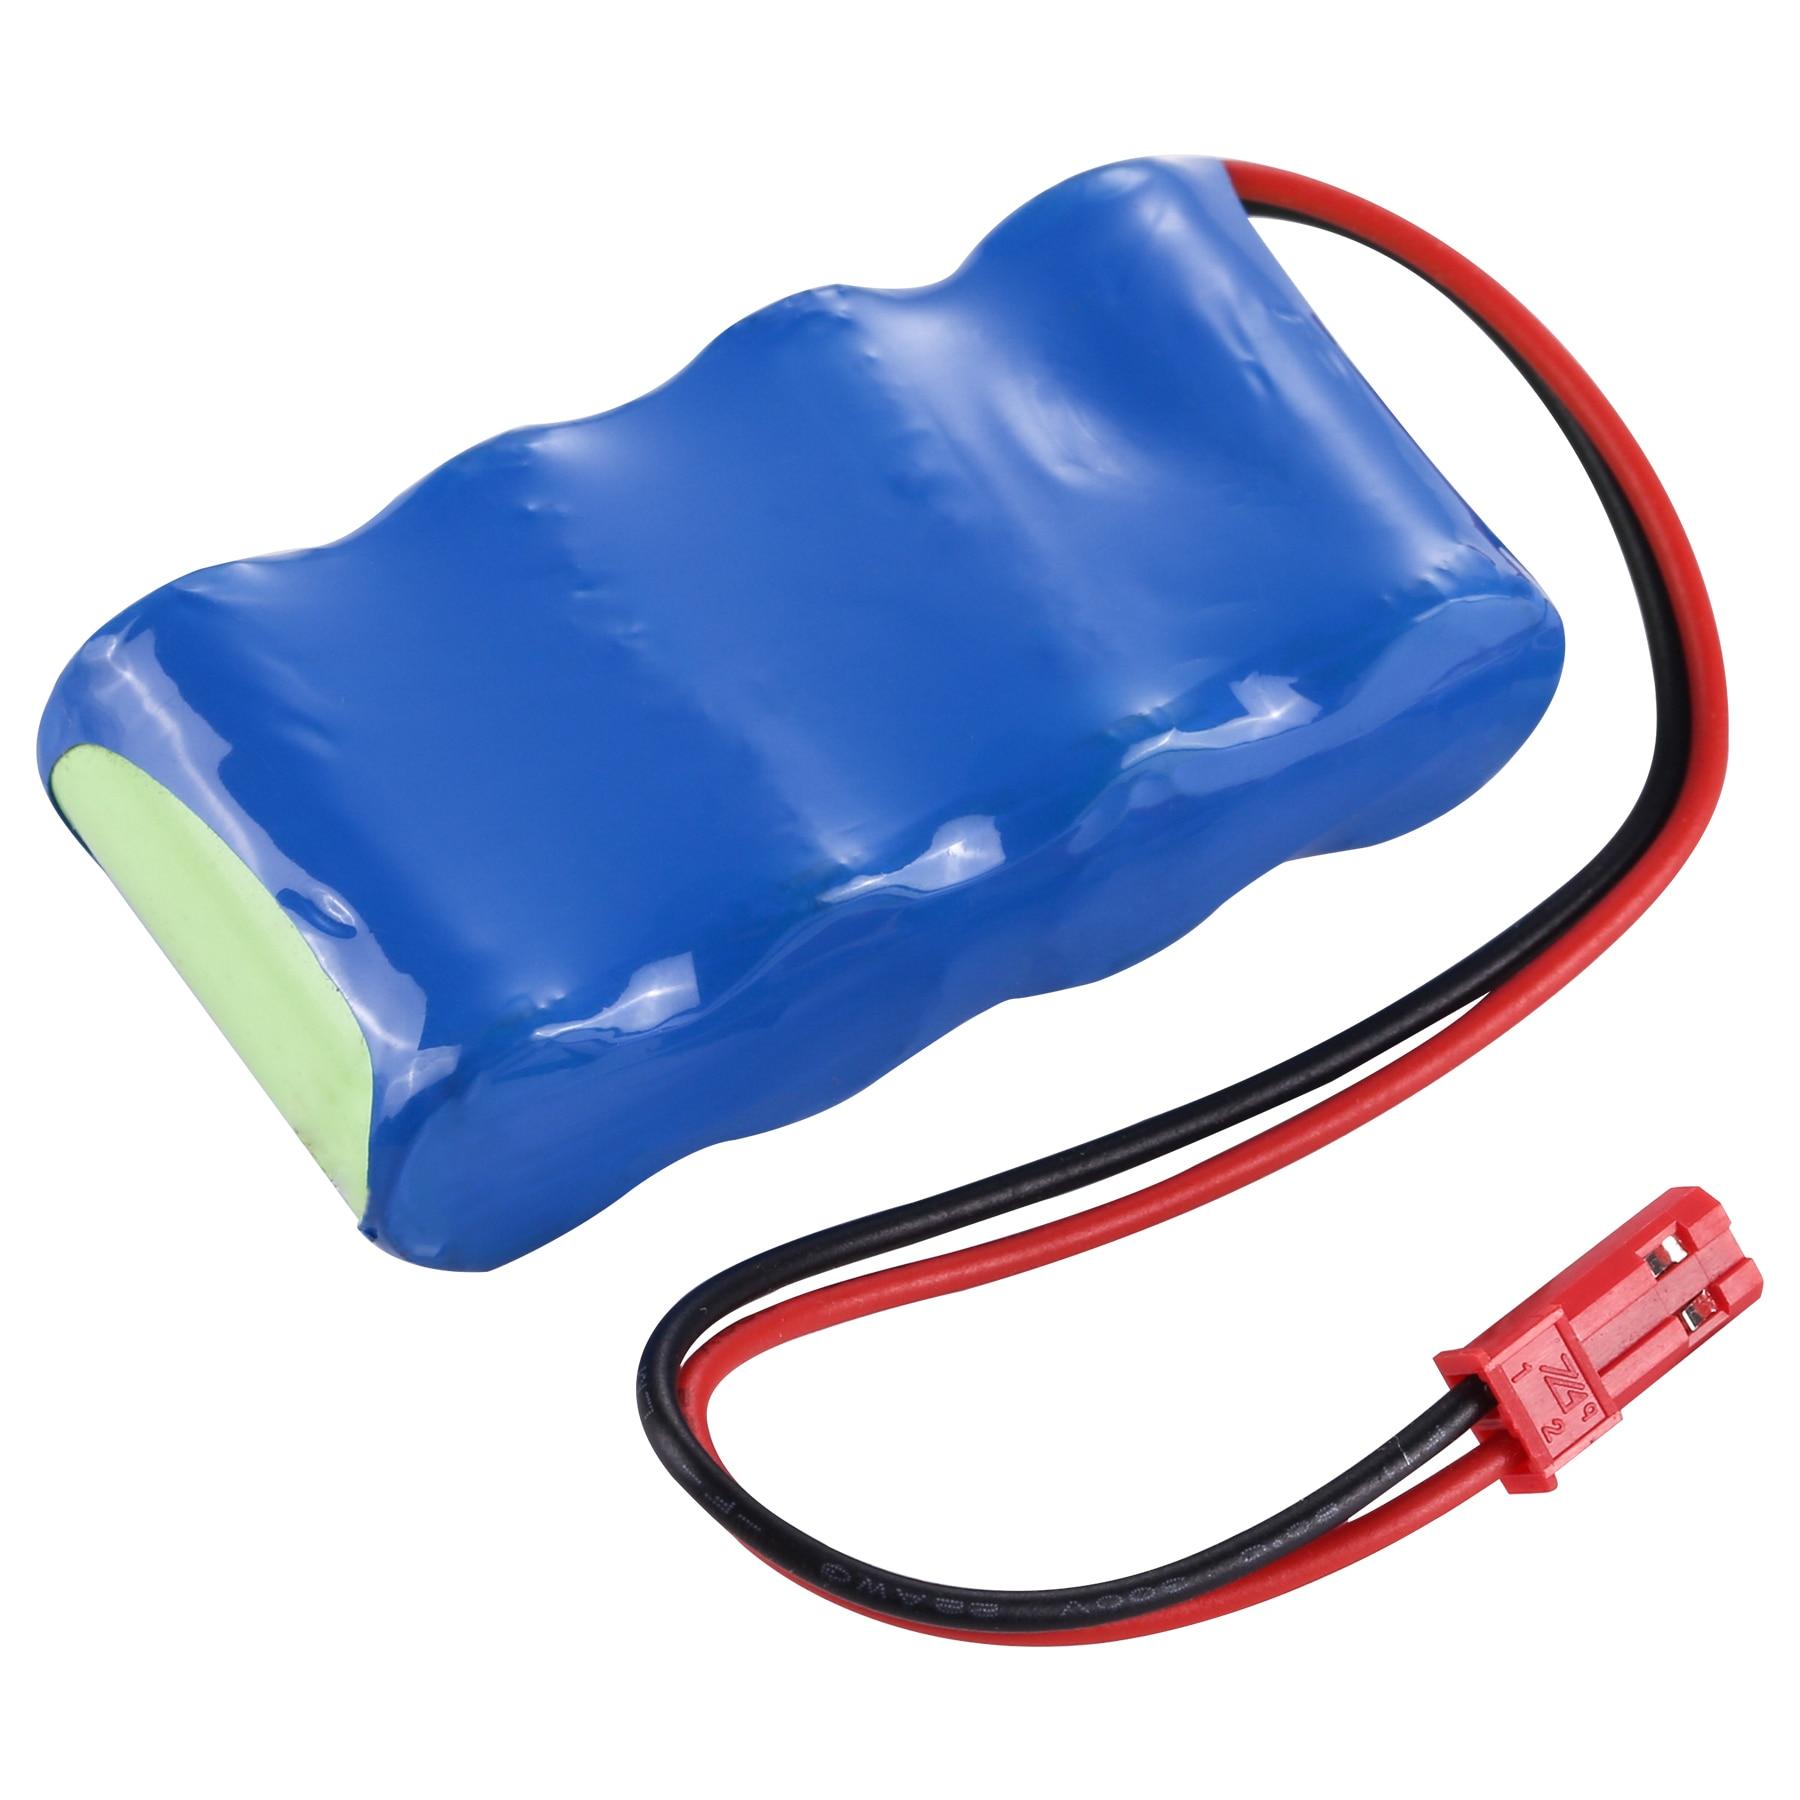 Высокое качество для TPS M29AE125A KJ-8000 Battery | Замена для TPS KJ-8000 Jaundice Meter Battery ( Red Terminals)